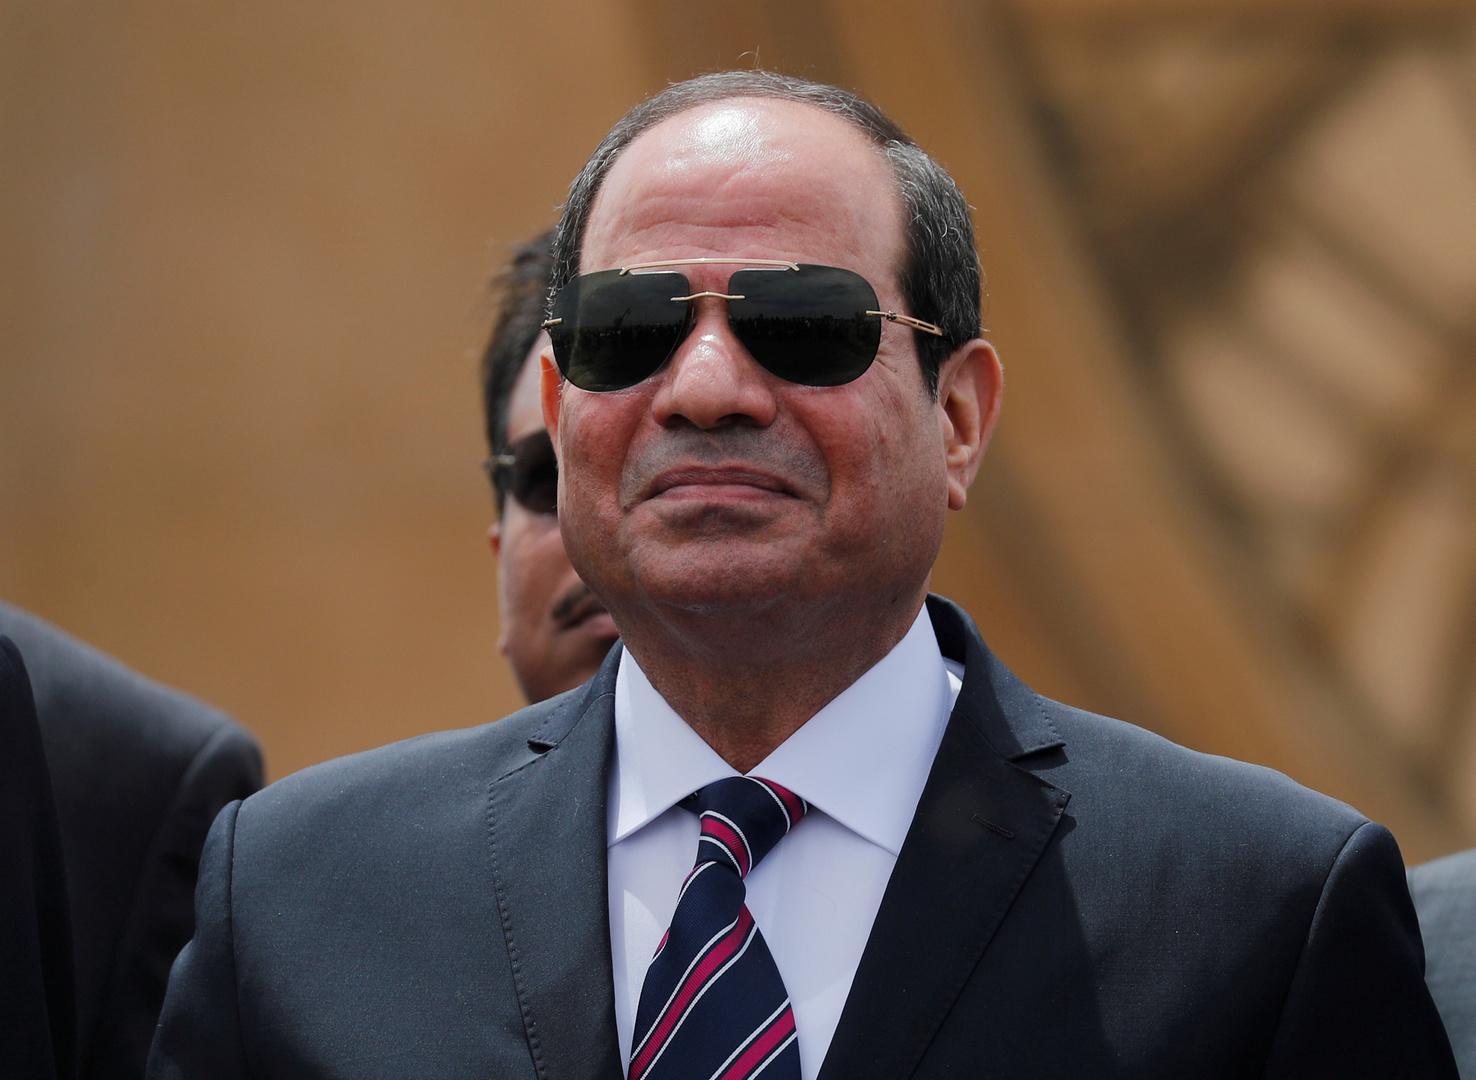 بحضور بن زايد والمنفي.. السيسي يفتتح أحدث قاعدة عسكرية مصرية على البحر المتوسط